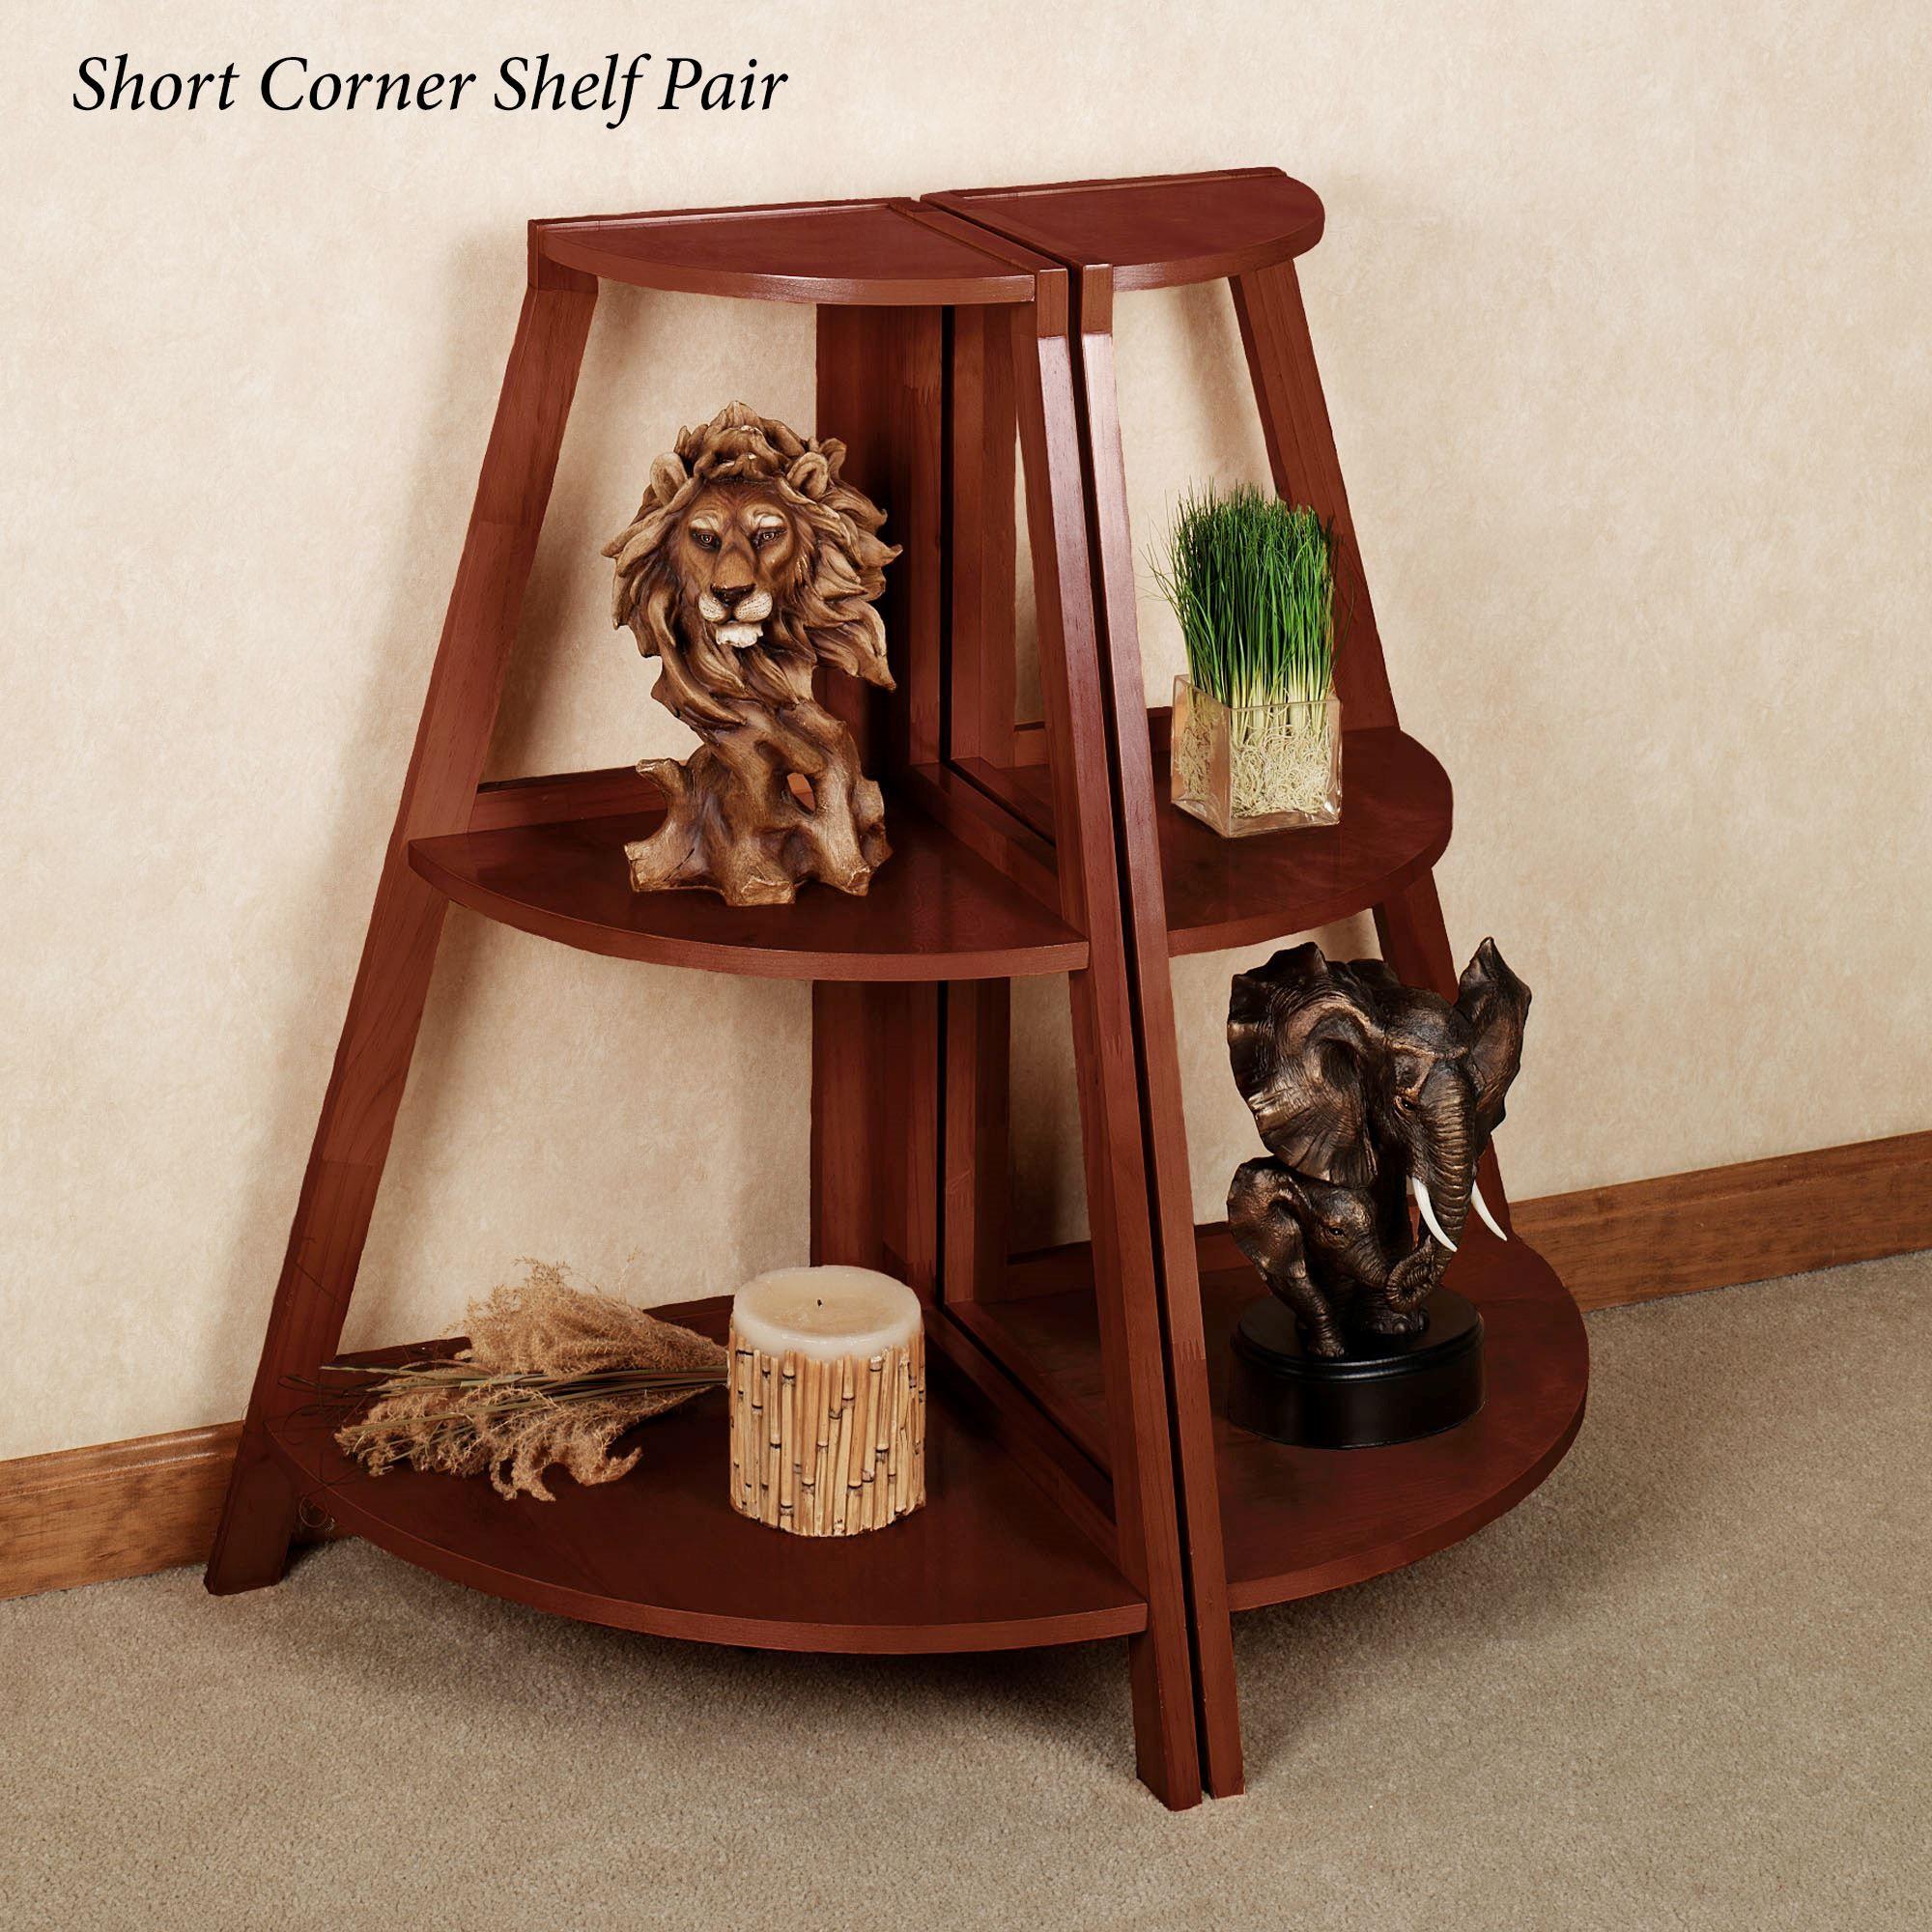 Kimber Short Corner Shelf Pair Clic Cherry Three Tier